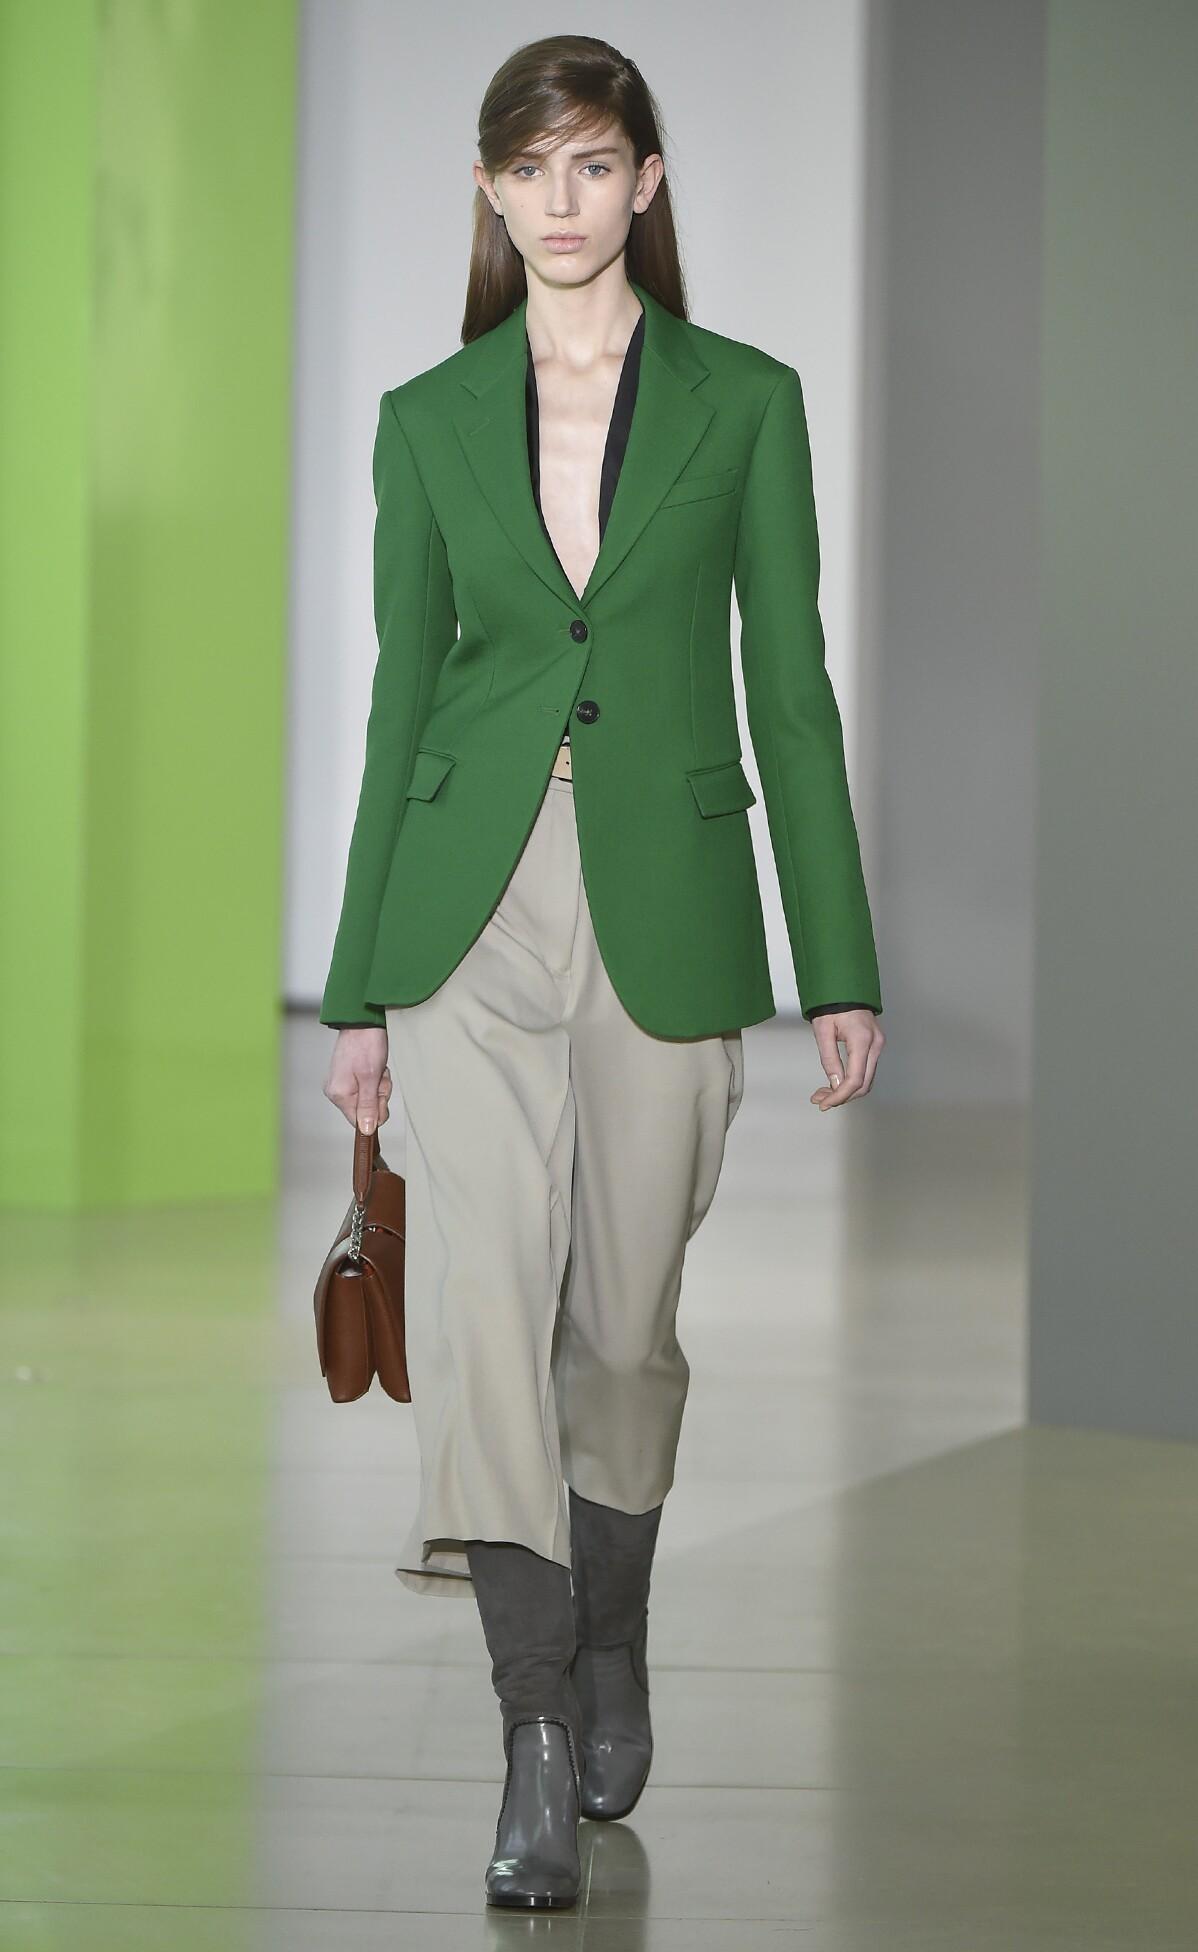 Fashion Woman Model Jil Sander Collection Catwalk